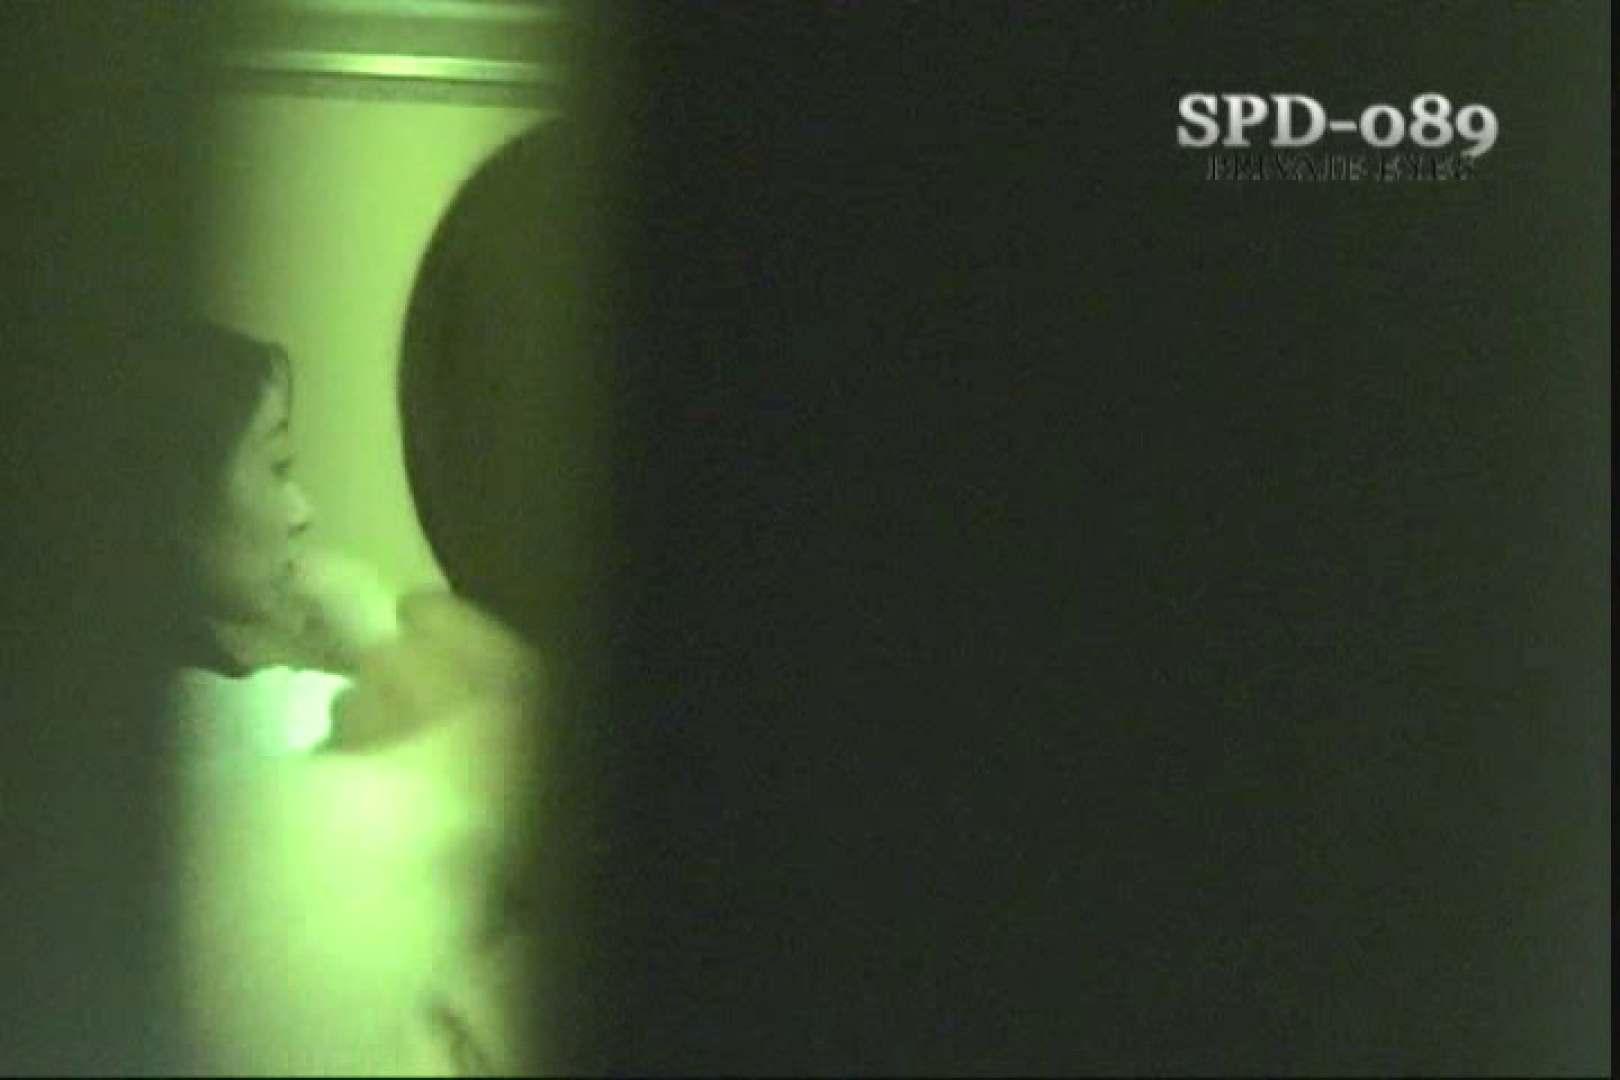 高画質版!SPD-089 厠の隙間 4 名作 盗撮戯れ無修正画像 54連発 51